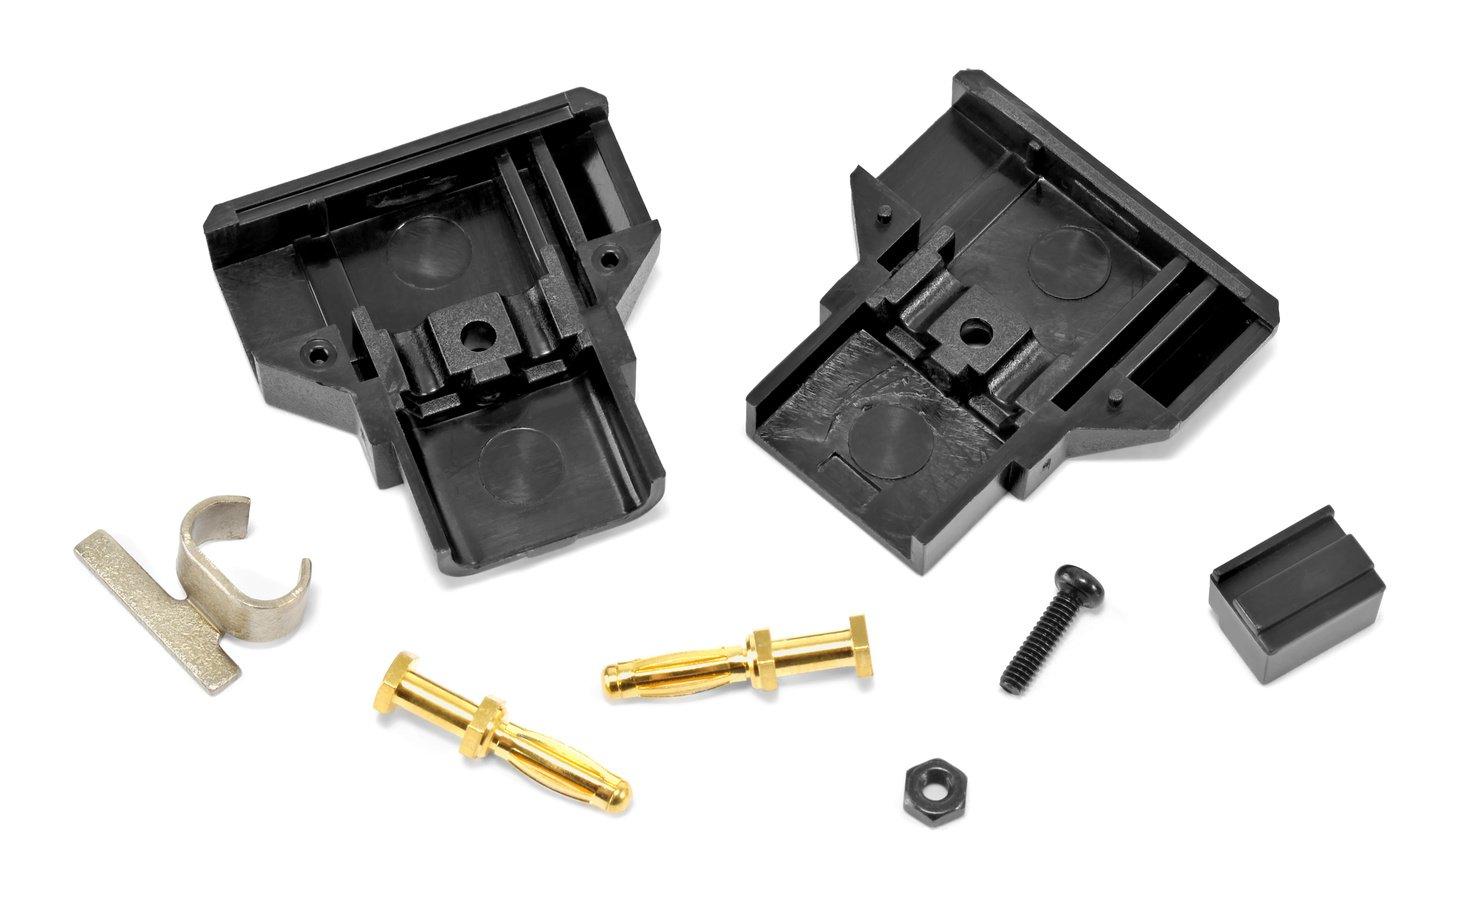 Einzelteile ROKO D-Tap Stecker Bausatz.